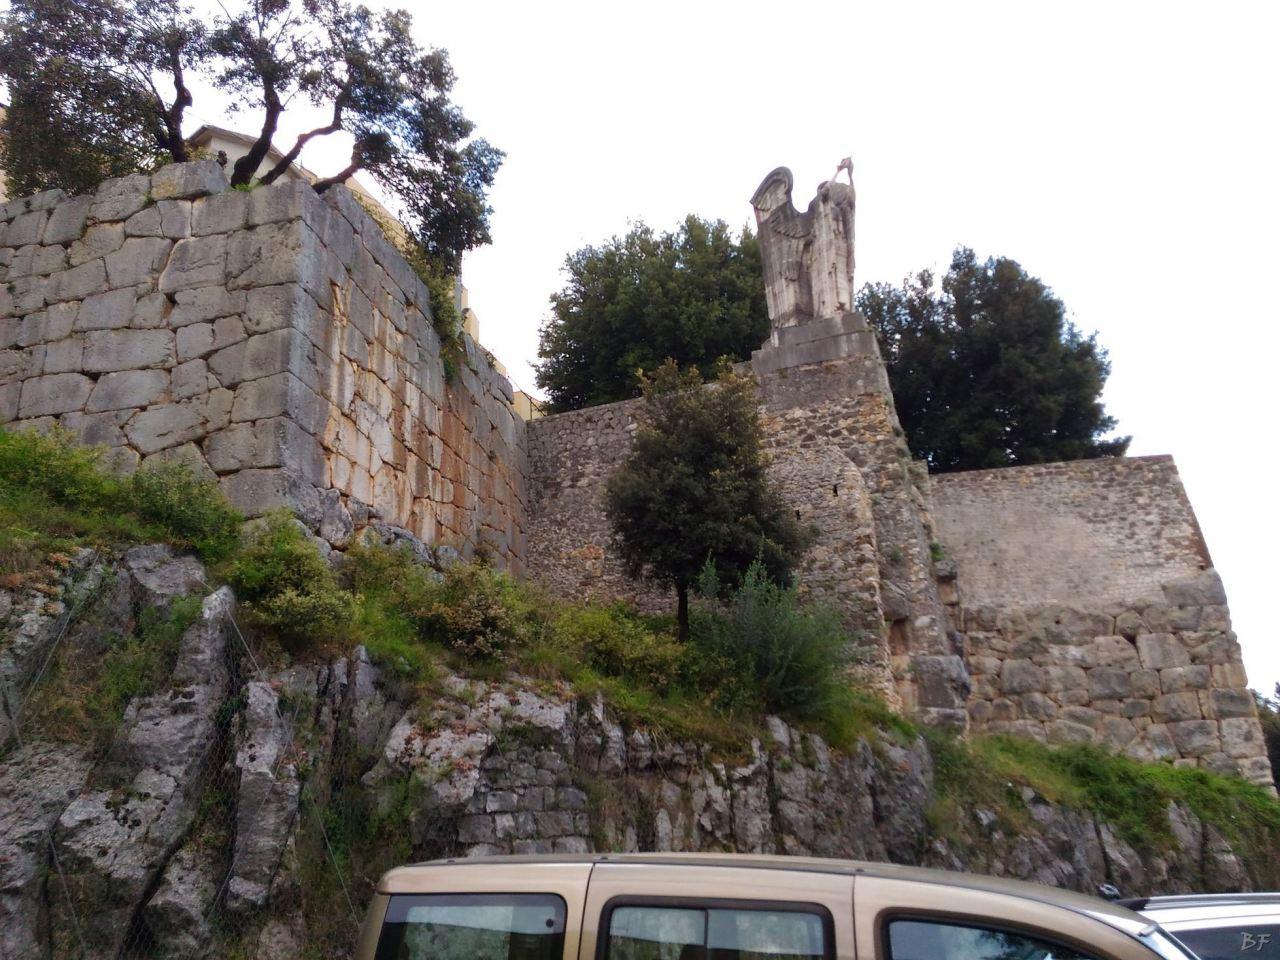 Cora-Mura-Poligonali-Megalitiche-Cori-Latina-Lazio-Italia-11